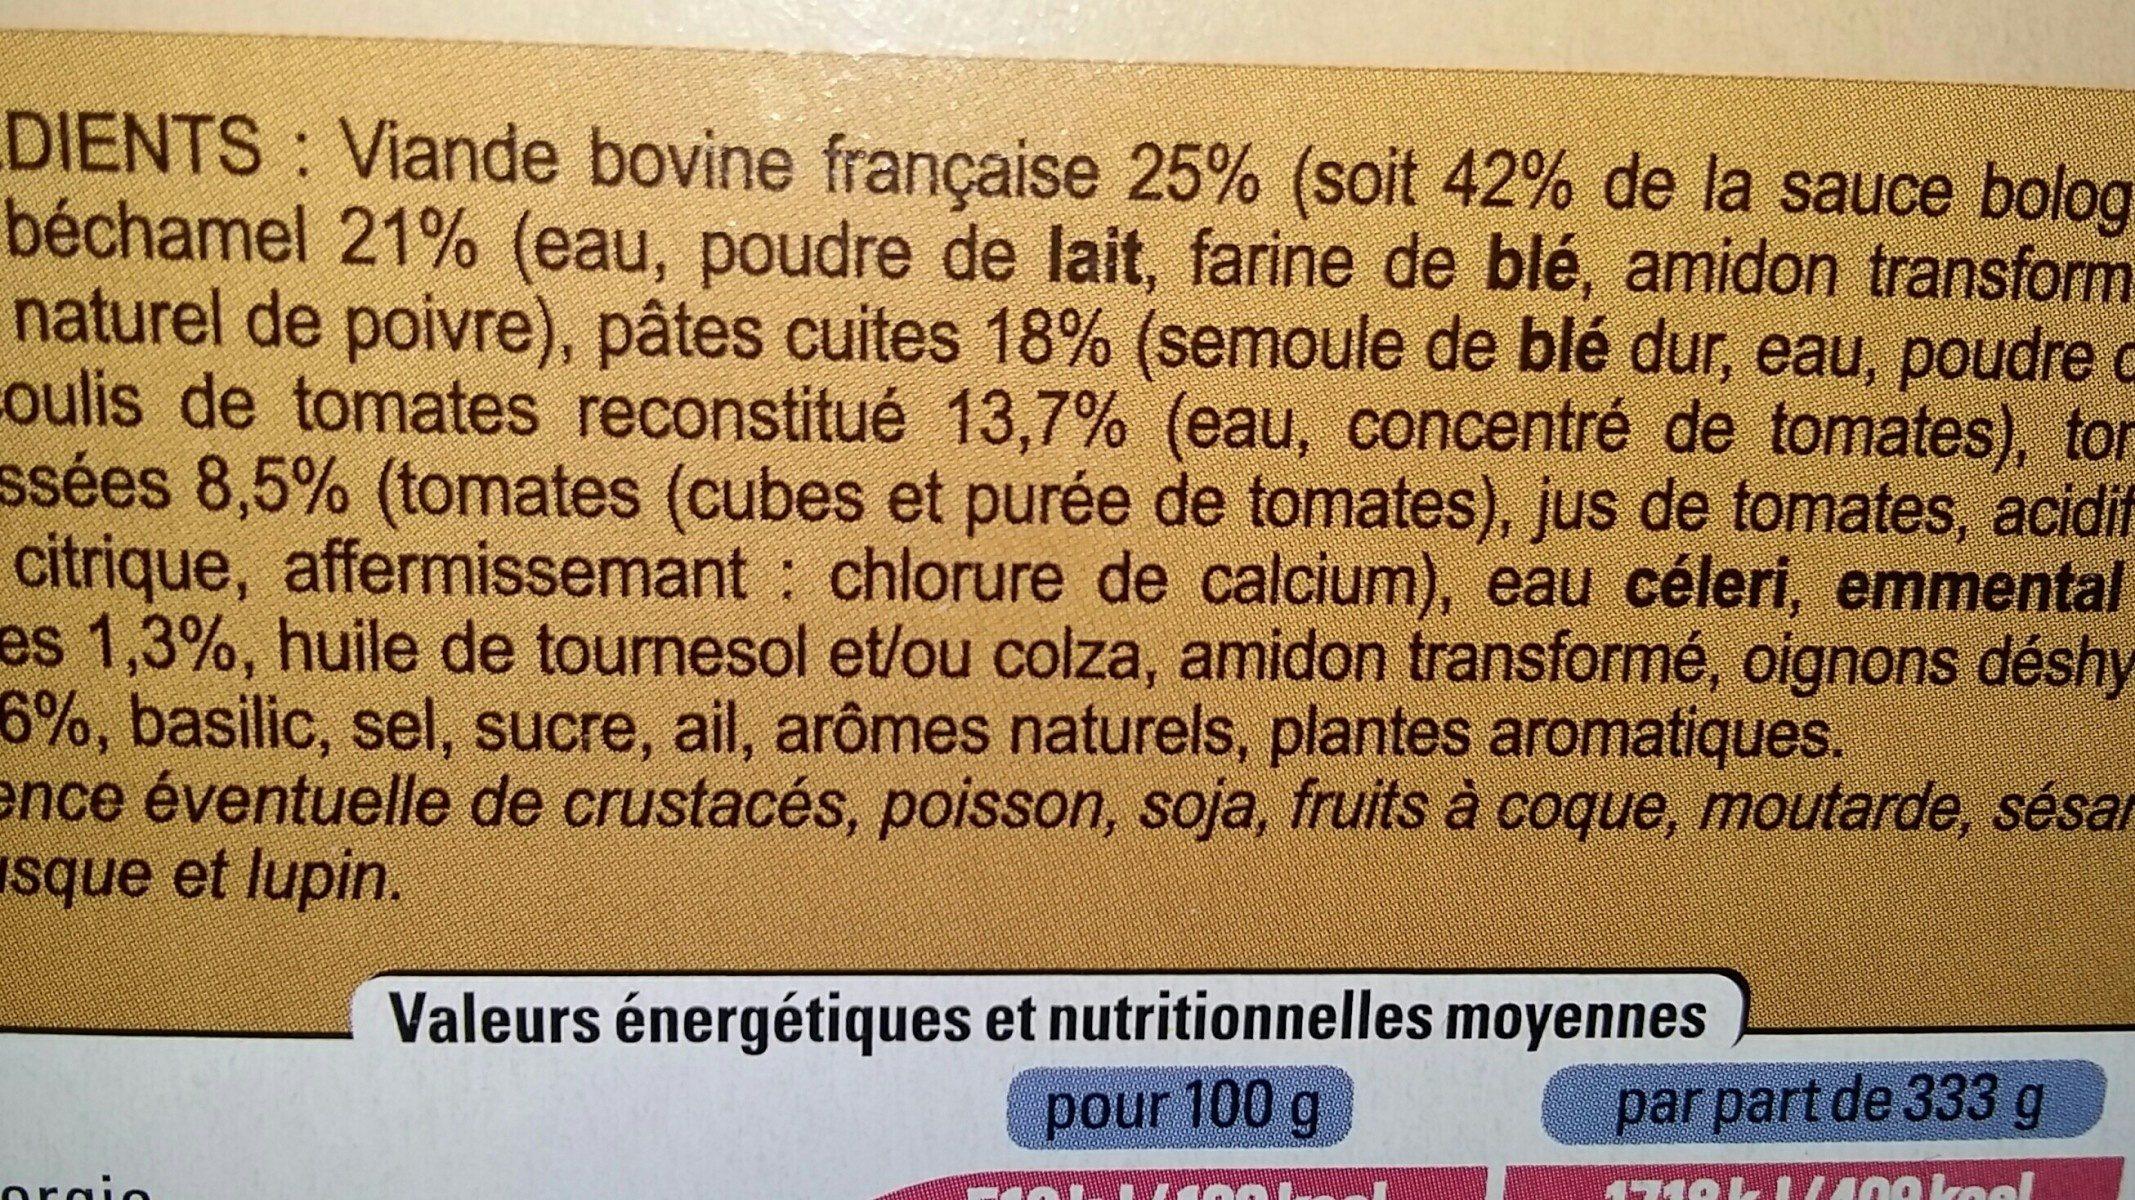 Lasagnes à la bolognaise - Ingredients